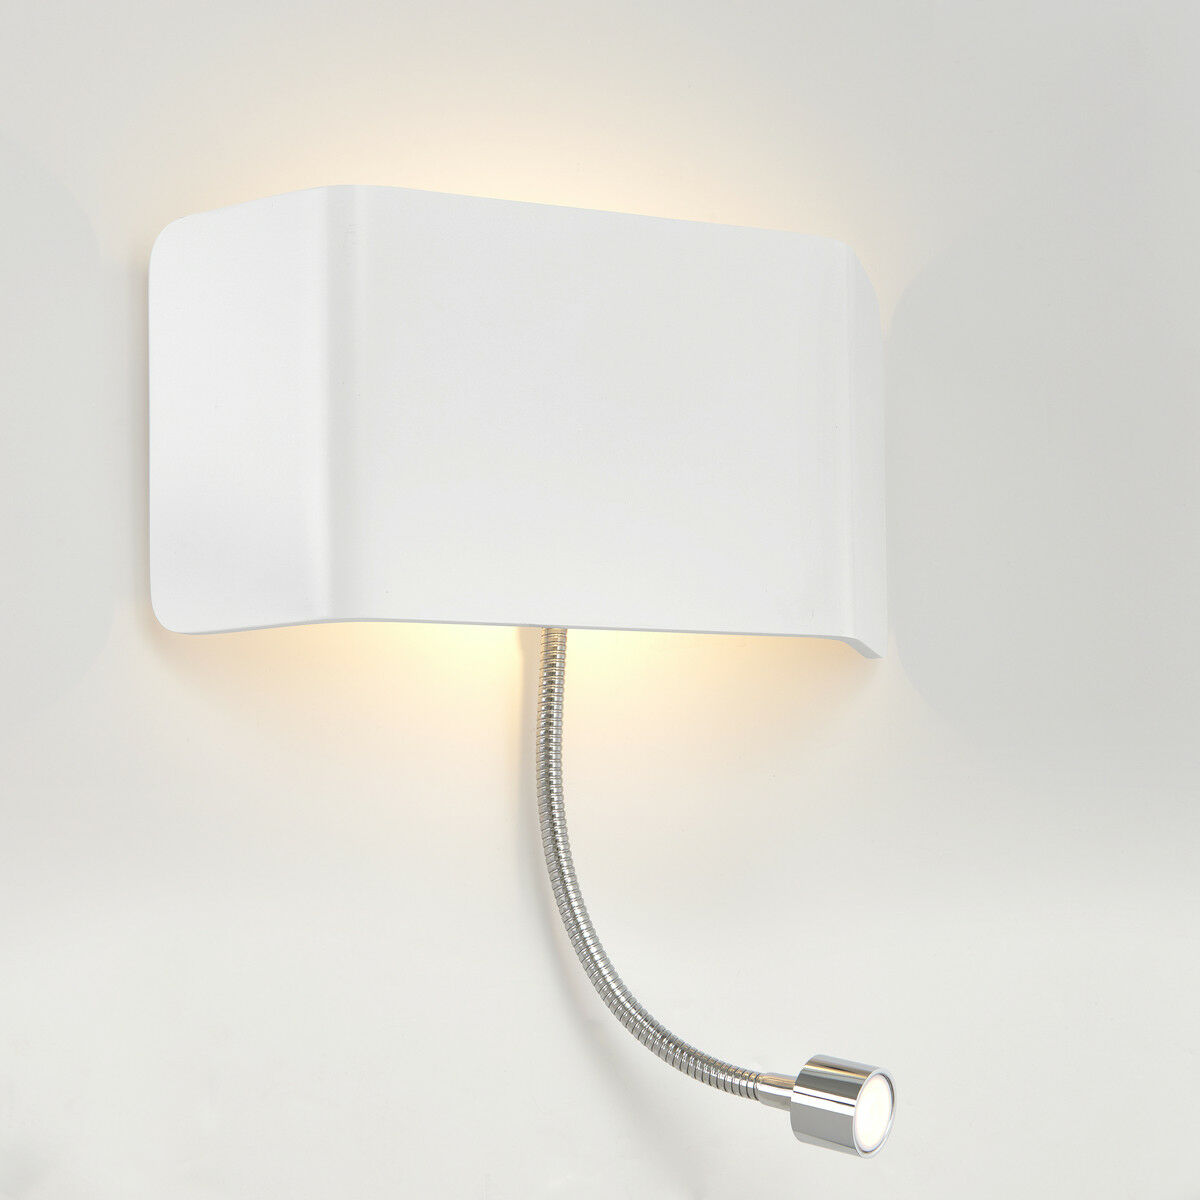 Saxby VERONA moderno decorativo per interni LED Up Down Muro & Luce di lettura flessibile